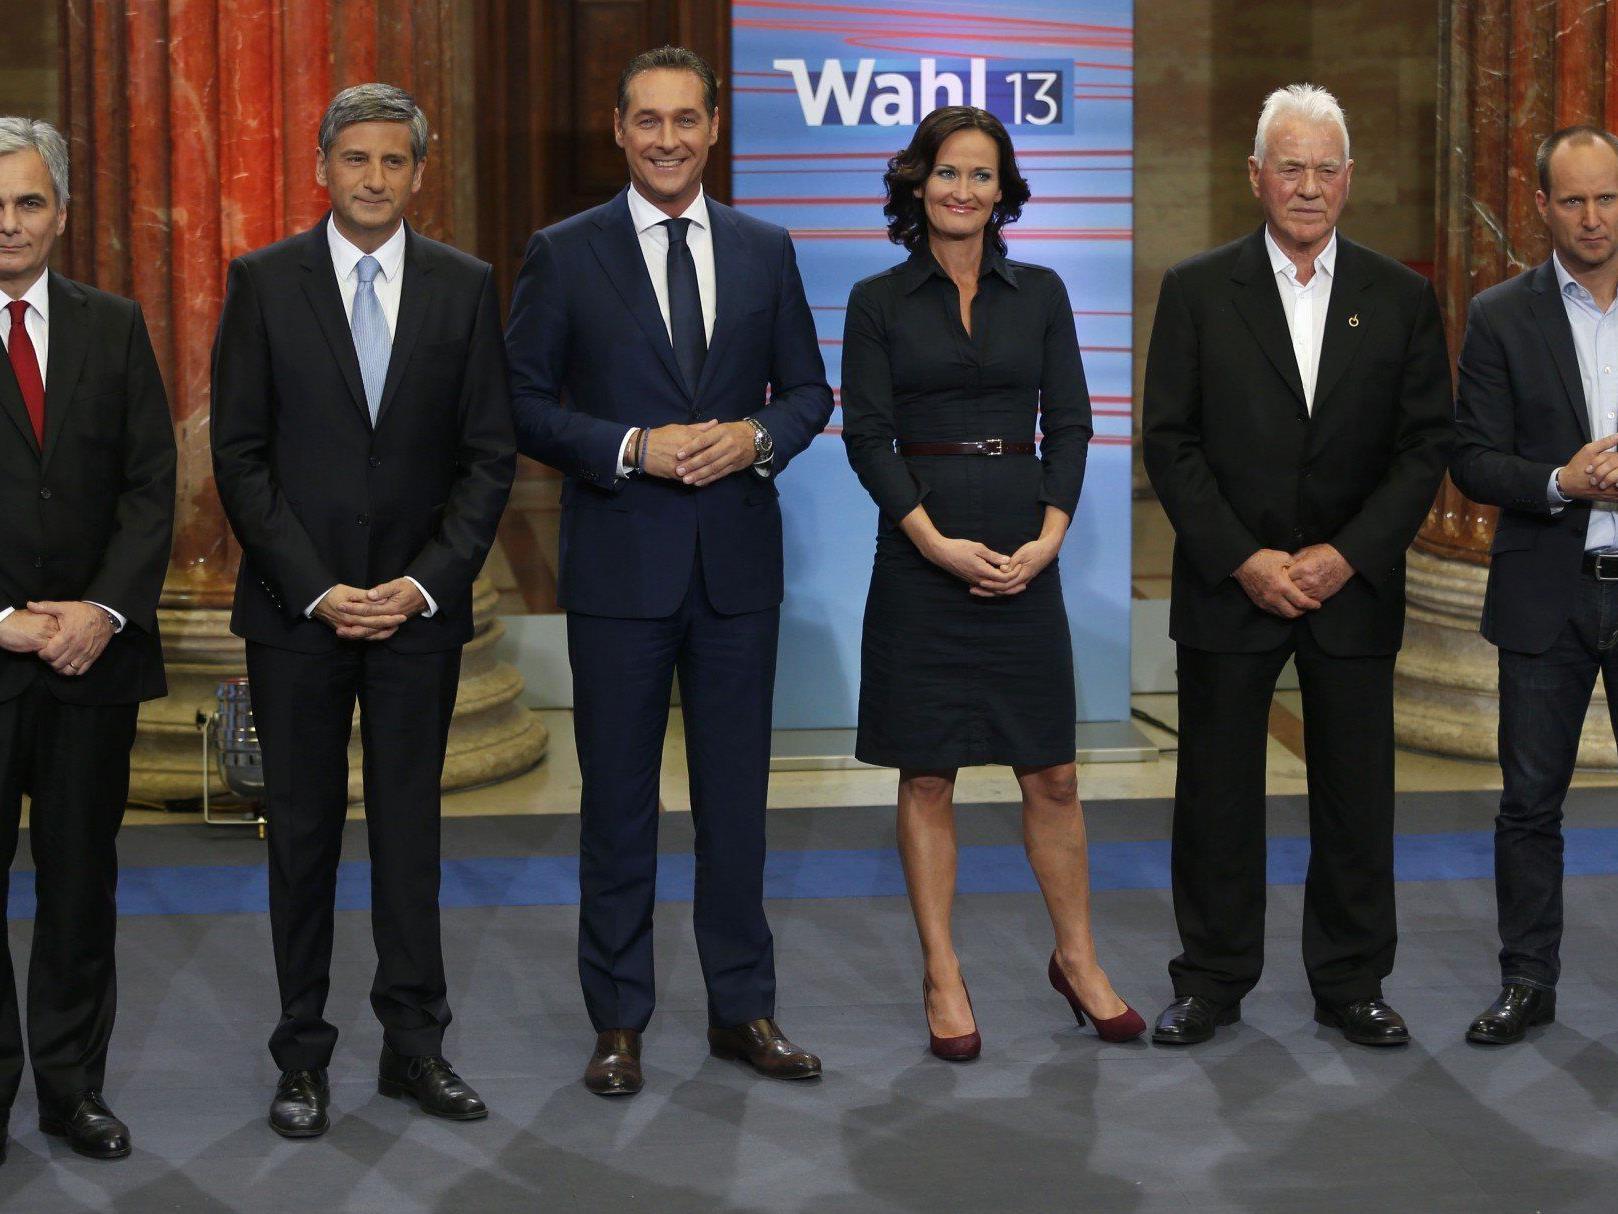 Die Chefs der Parlamentsparteien (v. l.): Faymann (SPÖ), Spindelegger (ÖVP), Strache (FPÖ), Glawischnig (Grüne), Stronach, Strolz (NEOS).